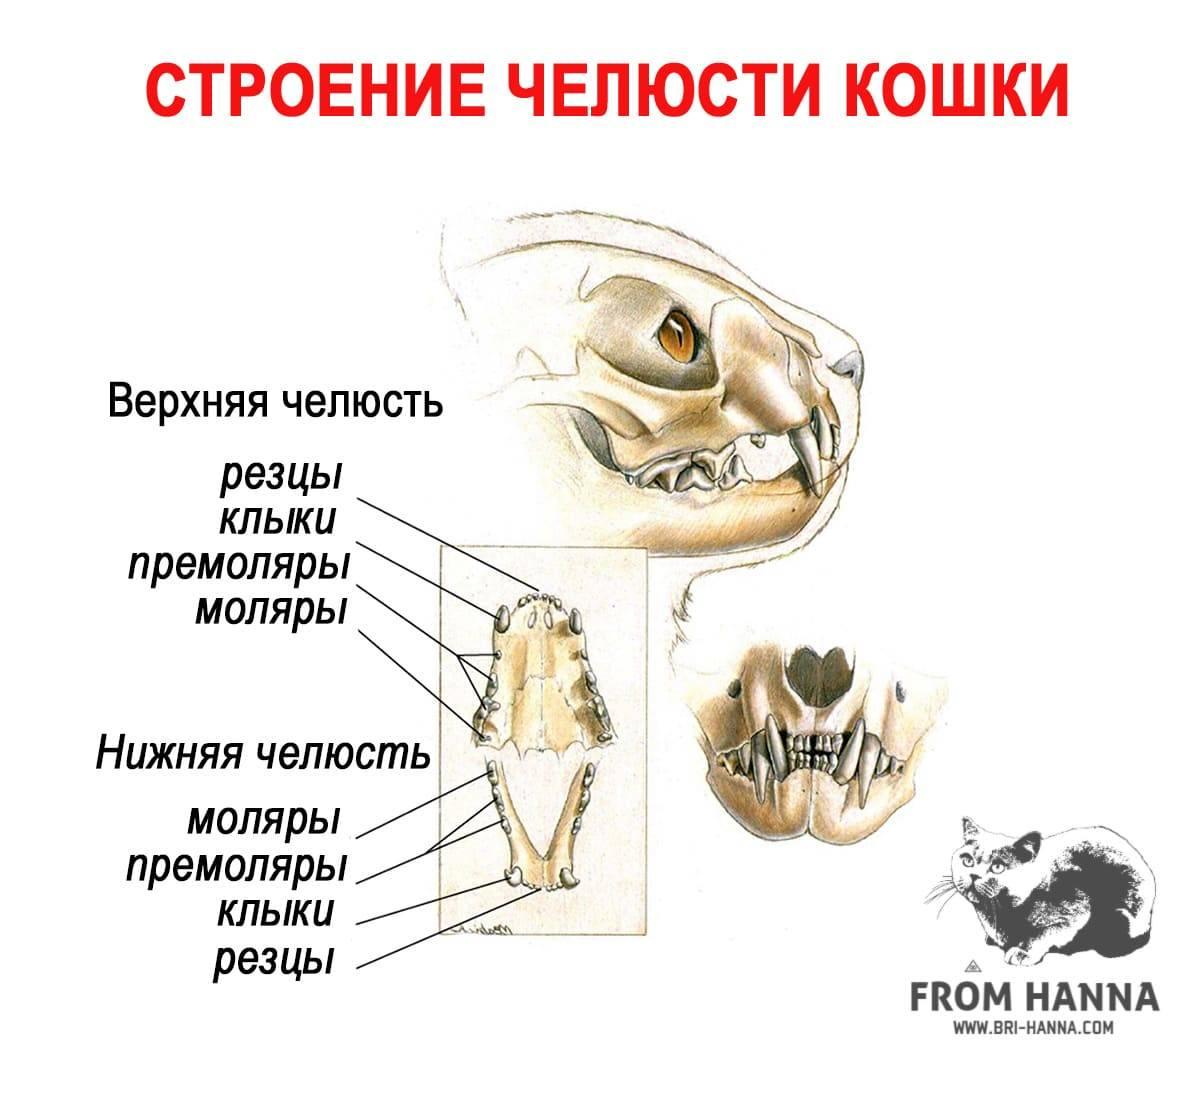 Когда меняются зубы у котят? 30 фото есть ли у кошек и котов молочные зубы? симптомы смены зубов на постоянные